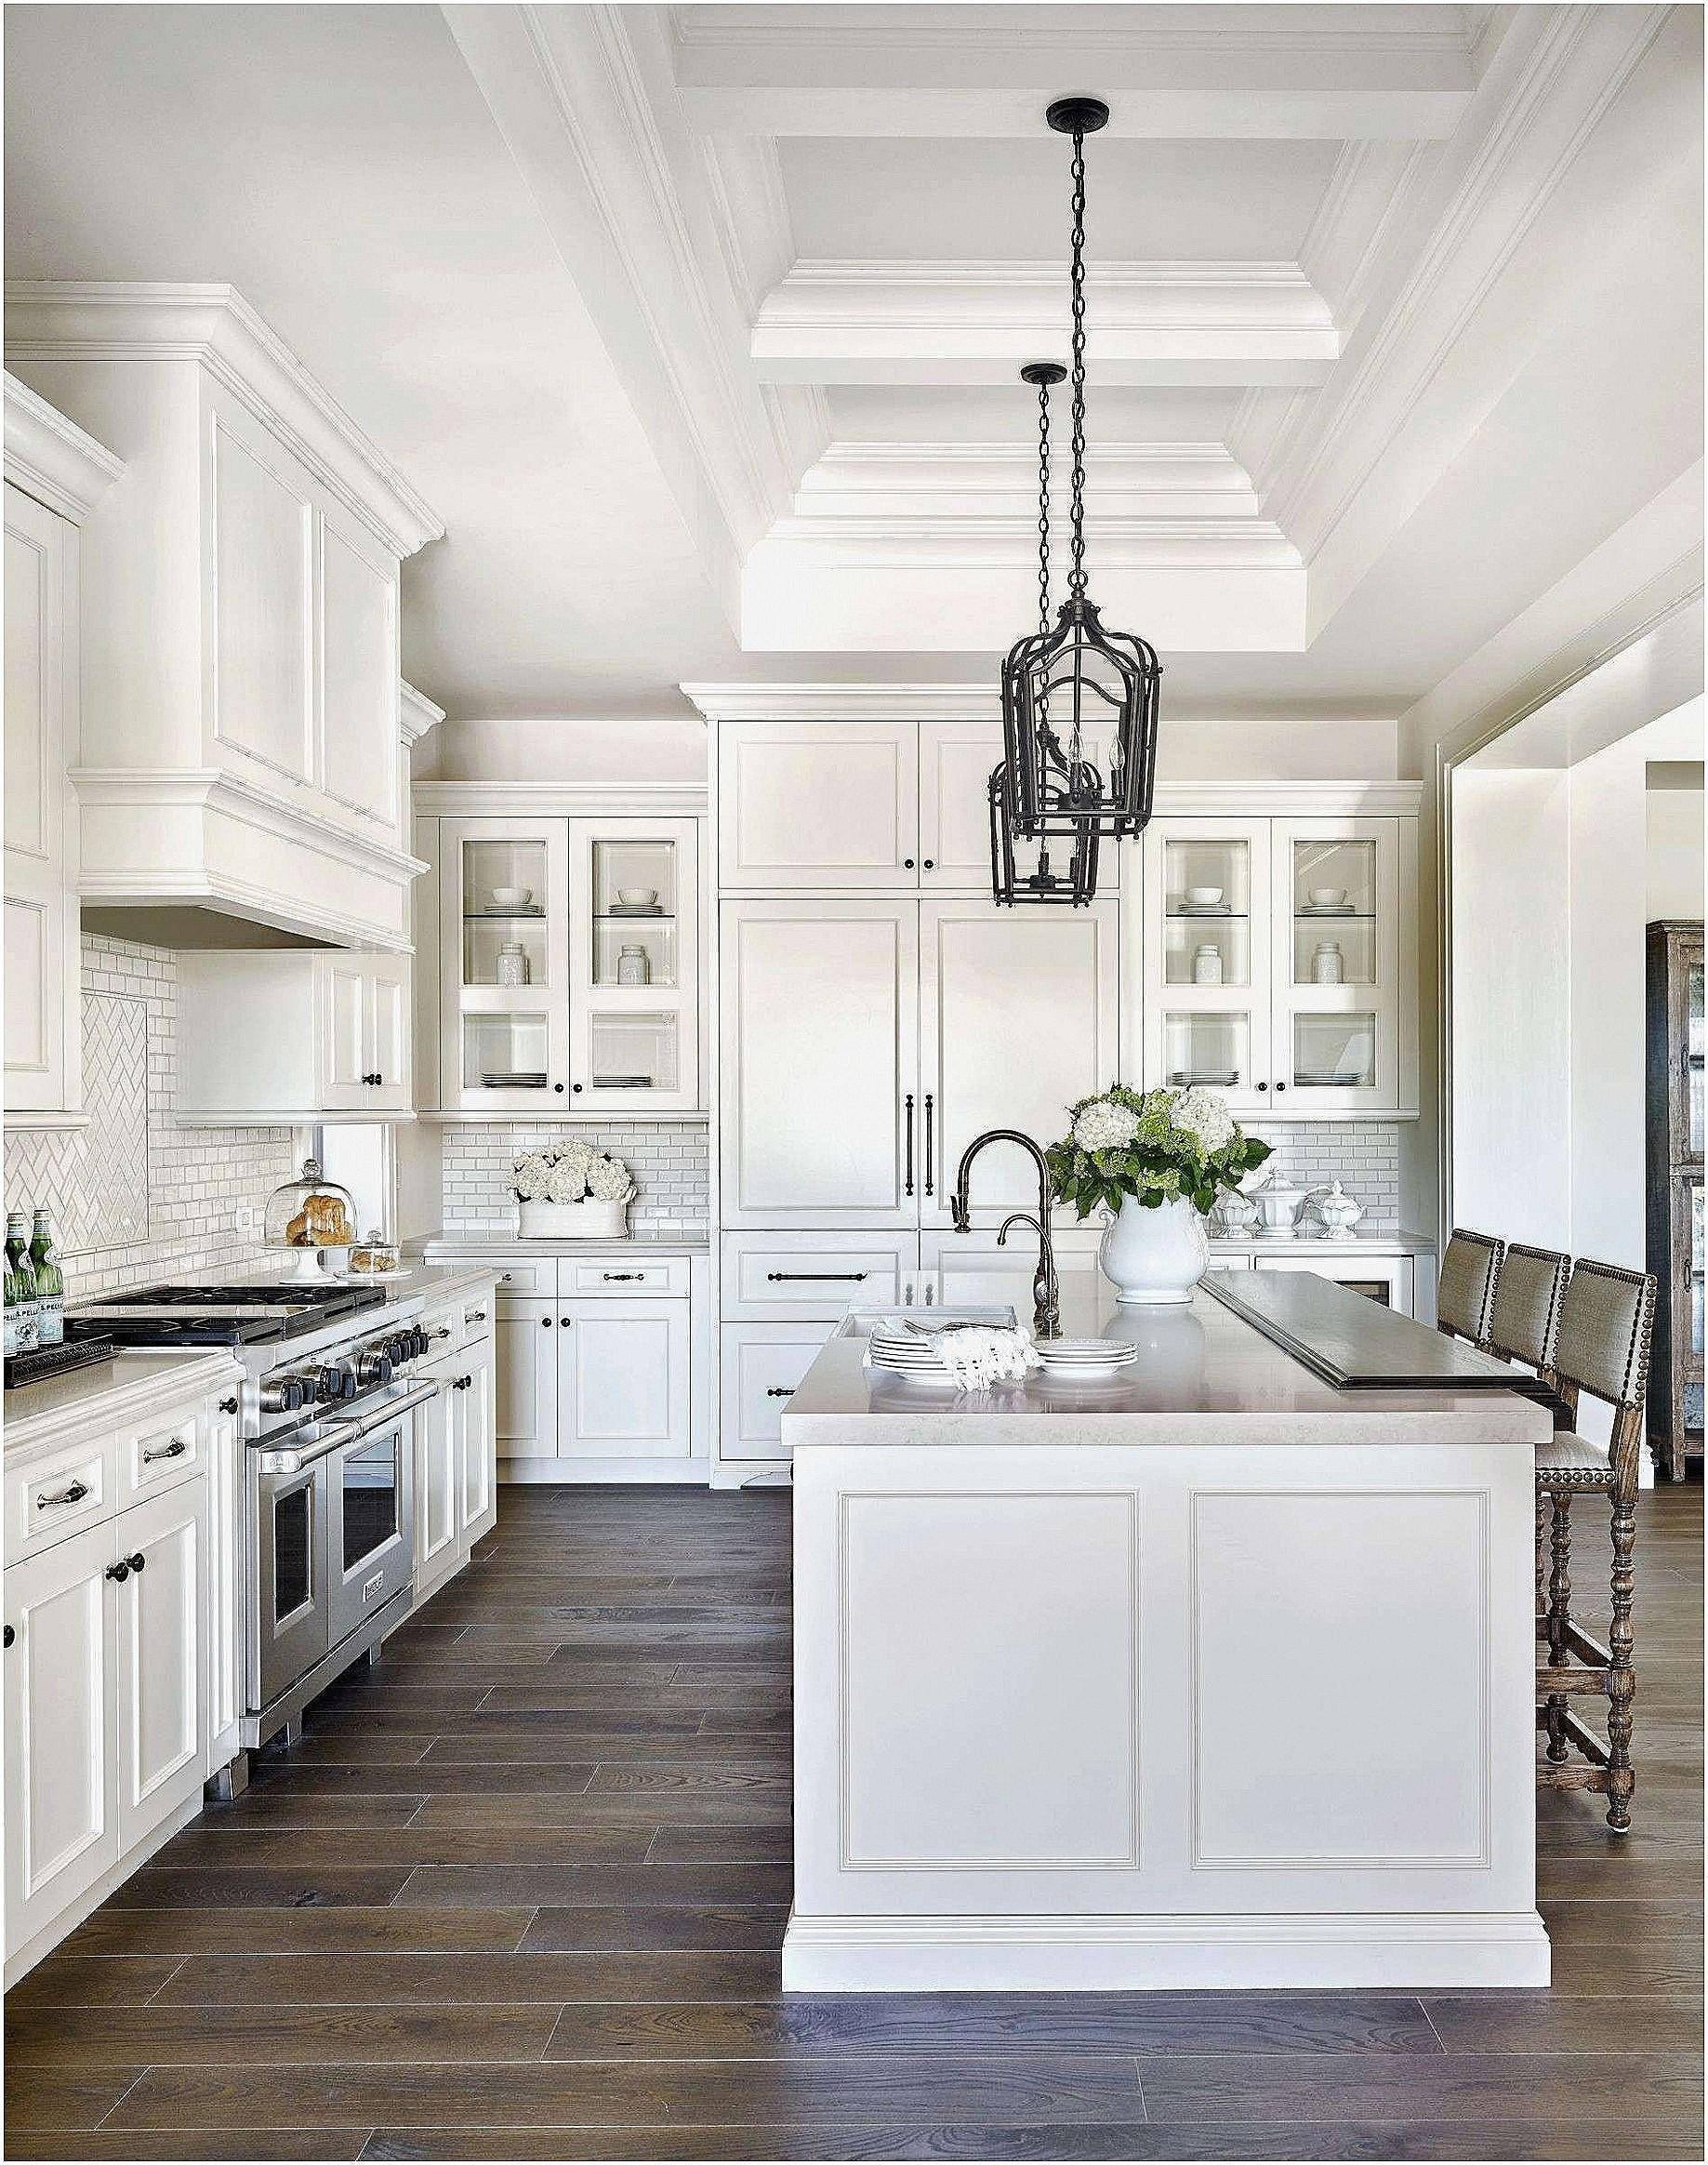 modern shaker kitchen ideas unique best kitchen remodels ideas of modern shaker kitchen ideas